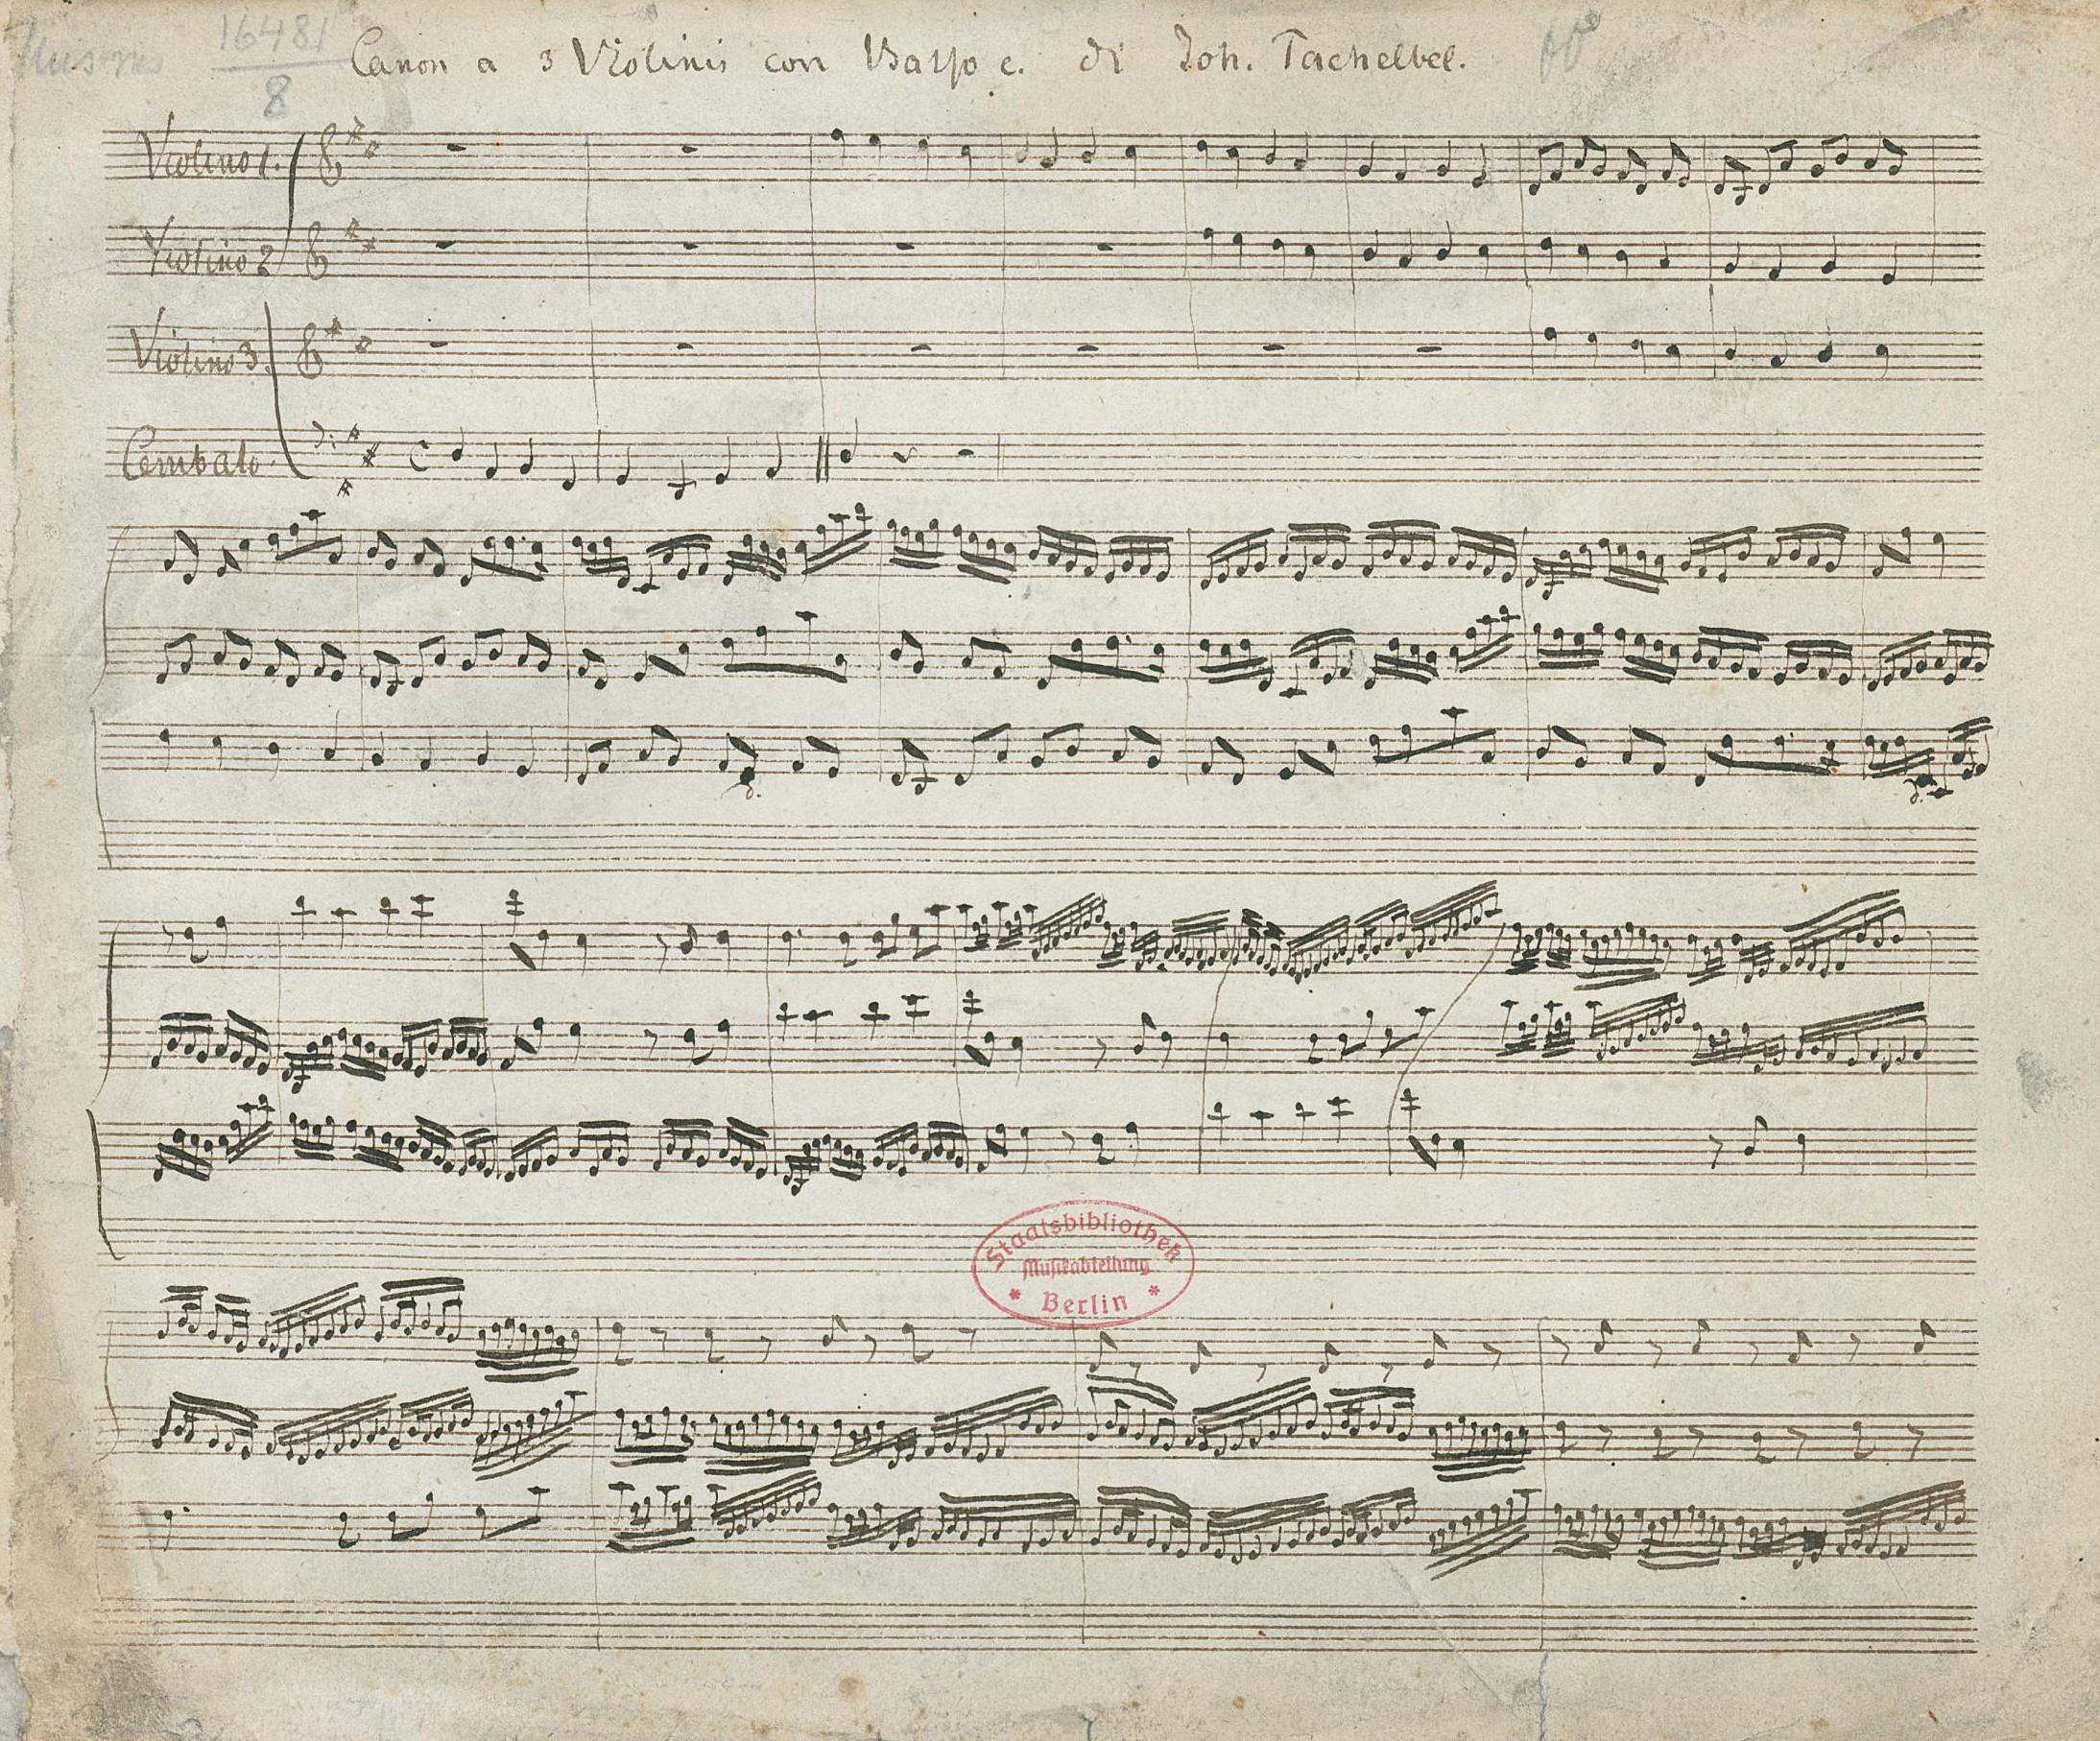 Pachelbel's Canon - Wikipedia